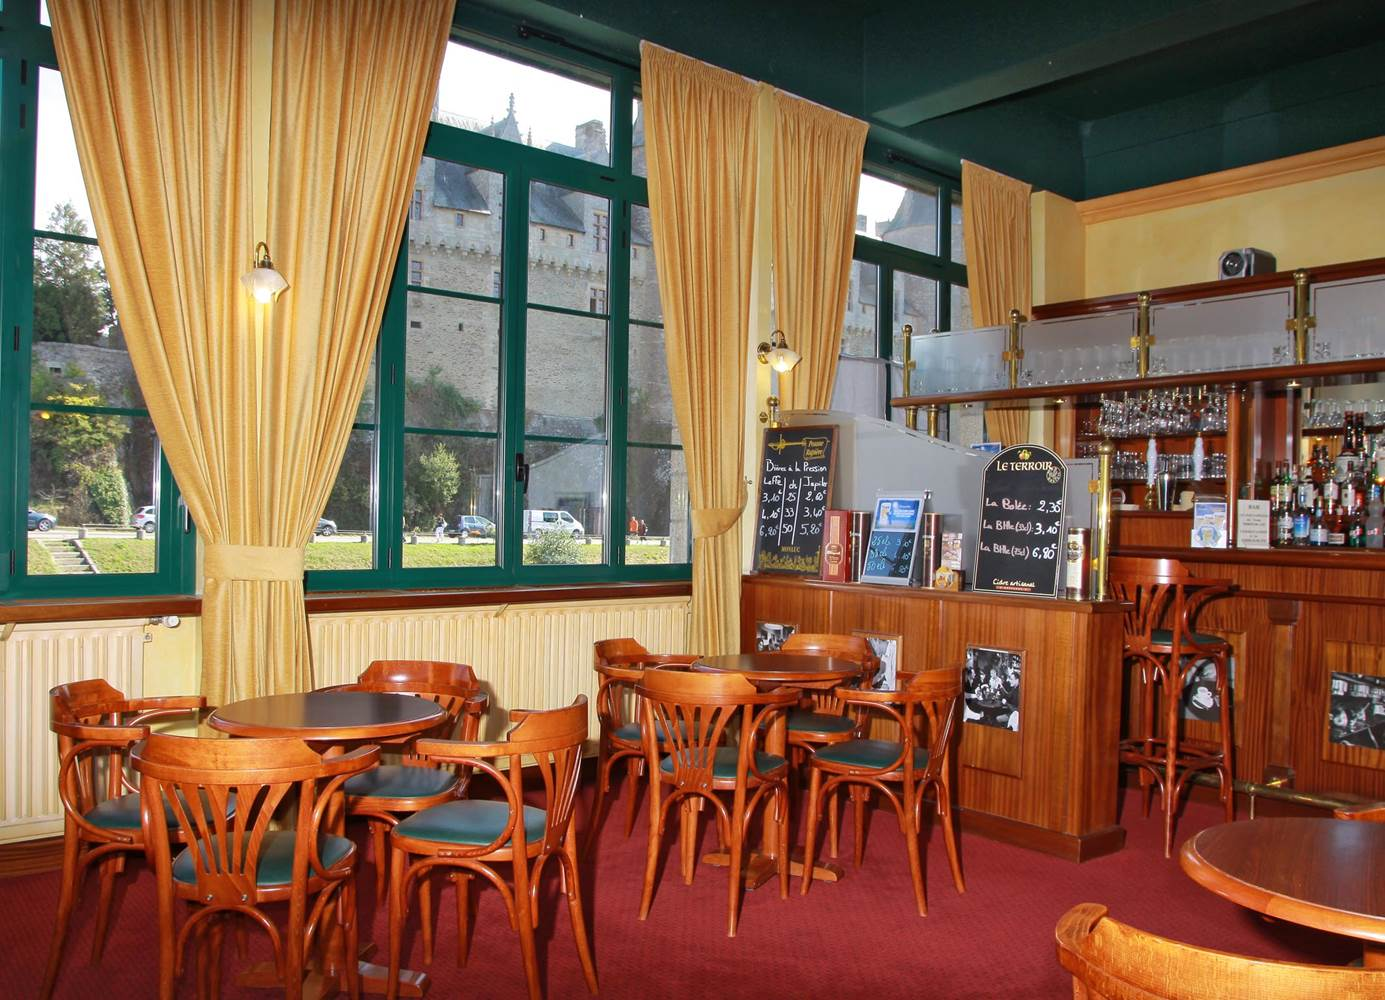 Hotel-Restaurant du Chateau - Josselin - Morbihan Bretagne Sud © Hotel-Restaurant du Chateau